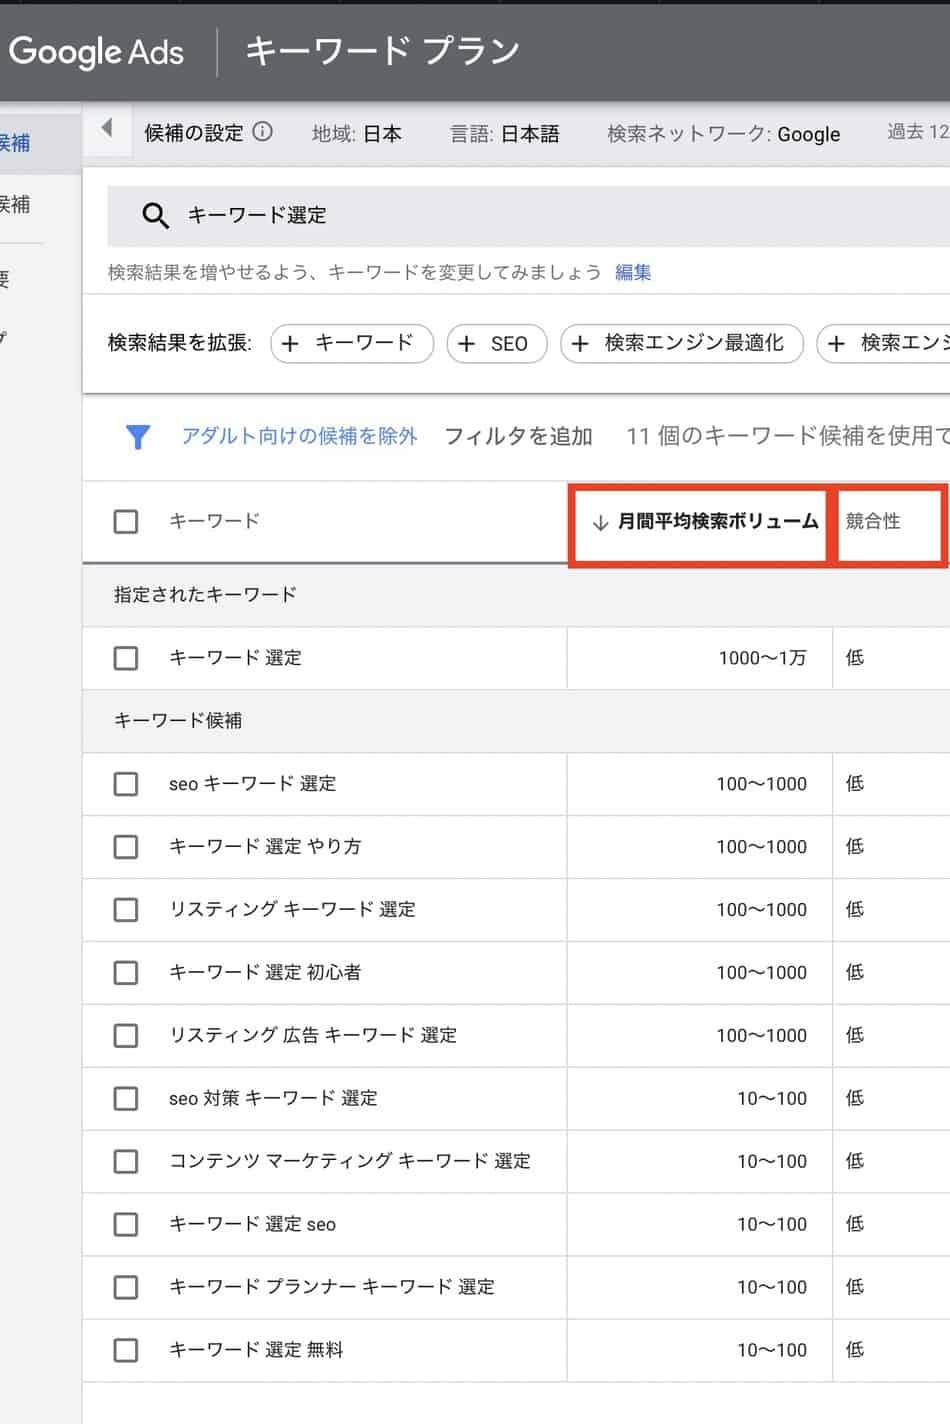 キーワード選定でのGoogle Keyword Plannerの使い方と検索ボリュームの調べ方